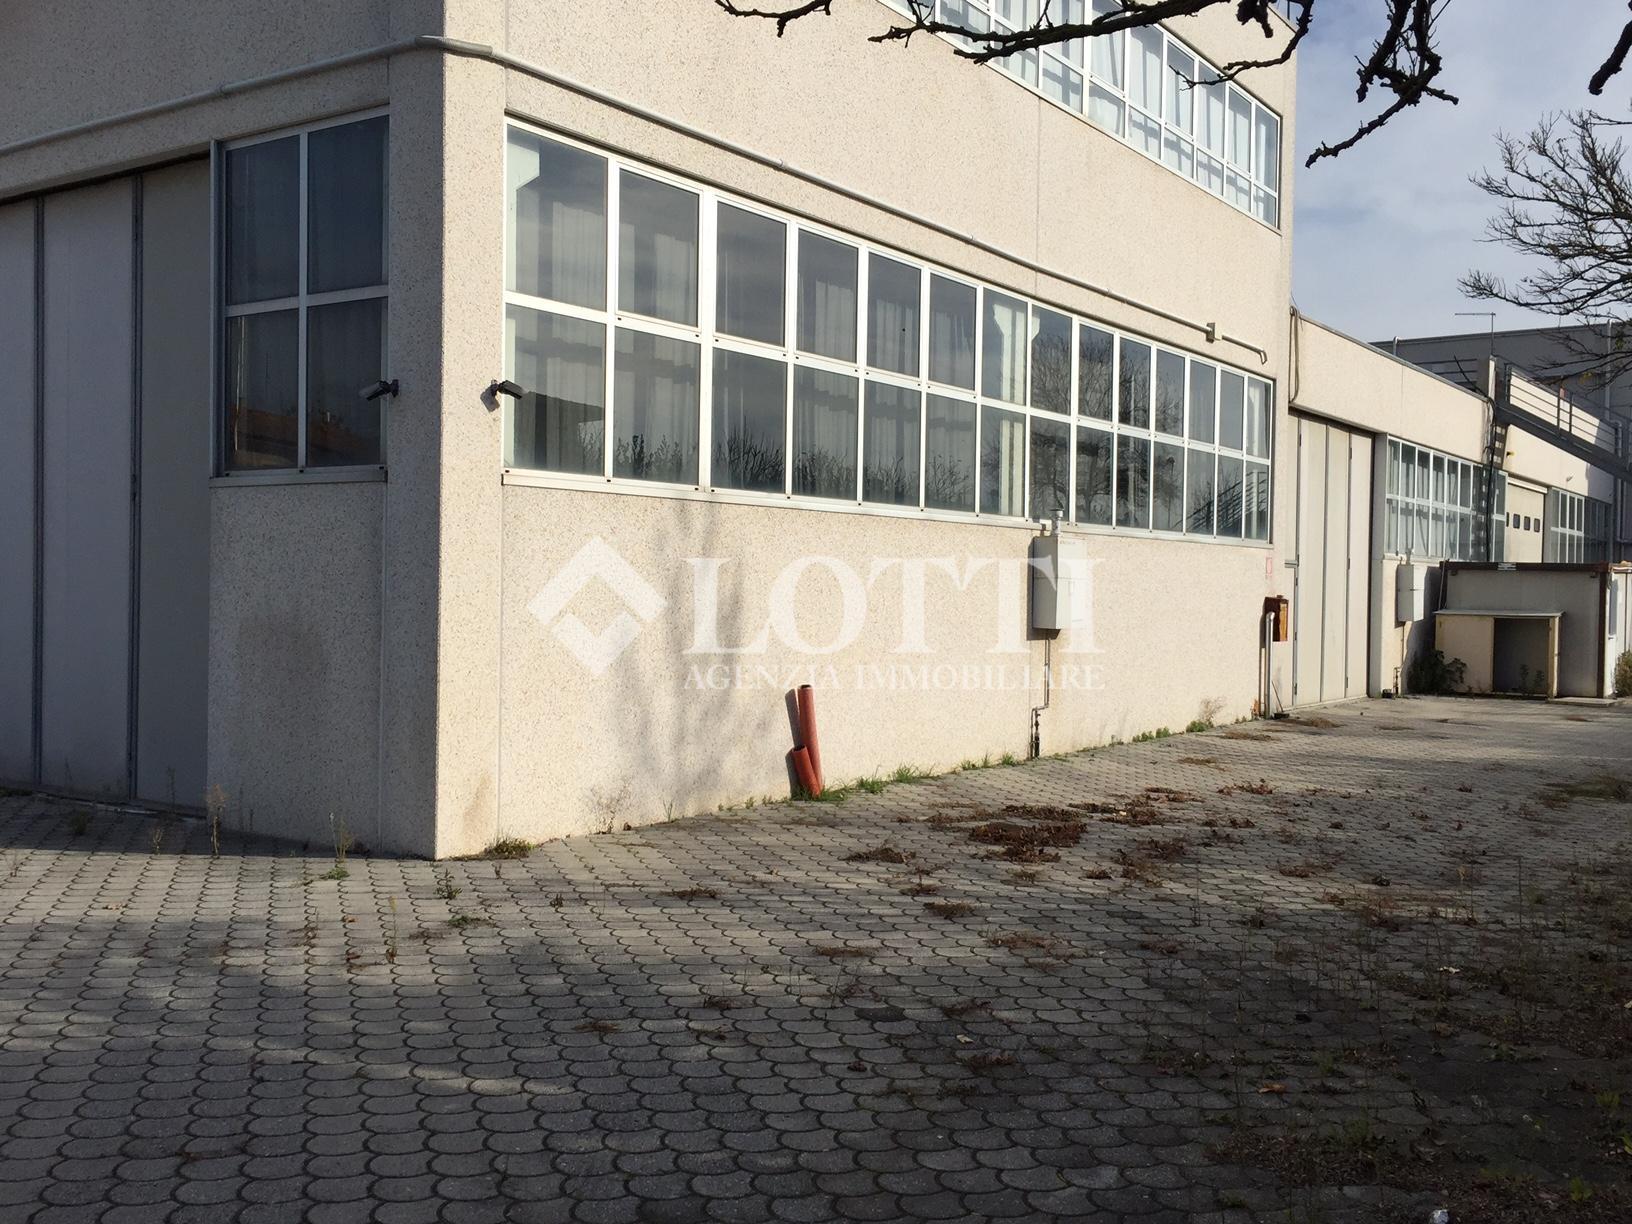 Capannone industriale in vendita, rif. 93-A